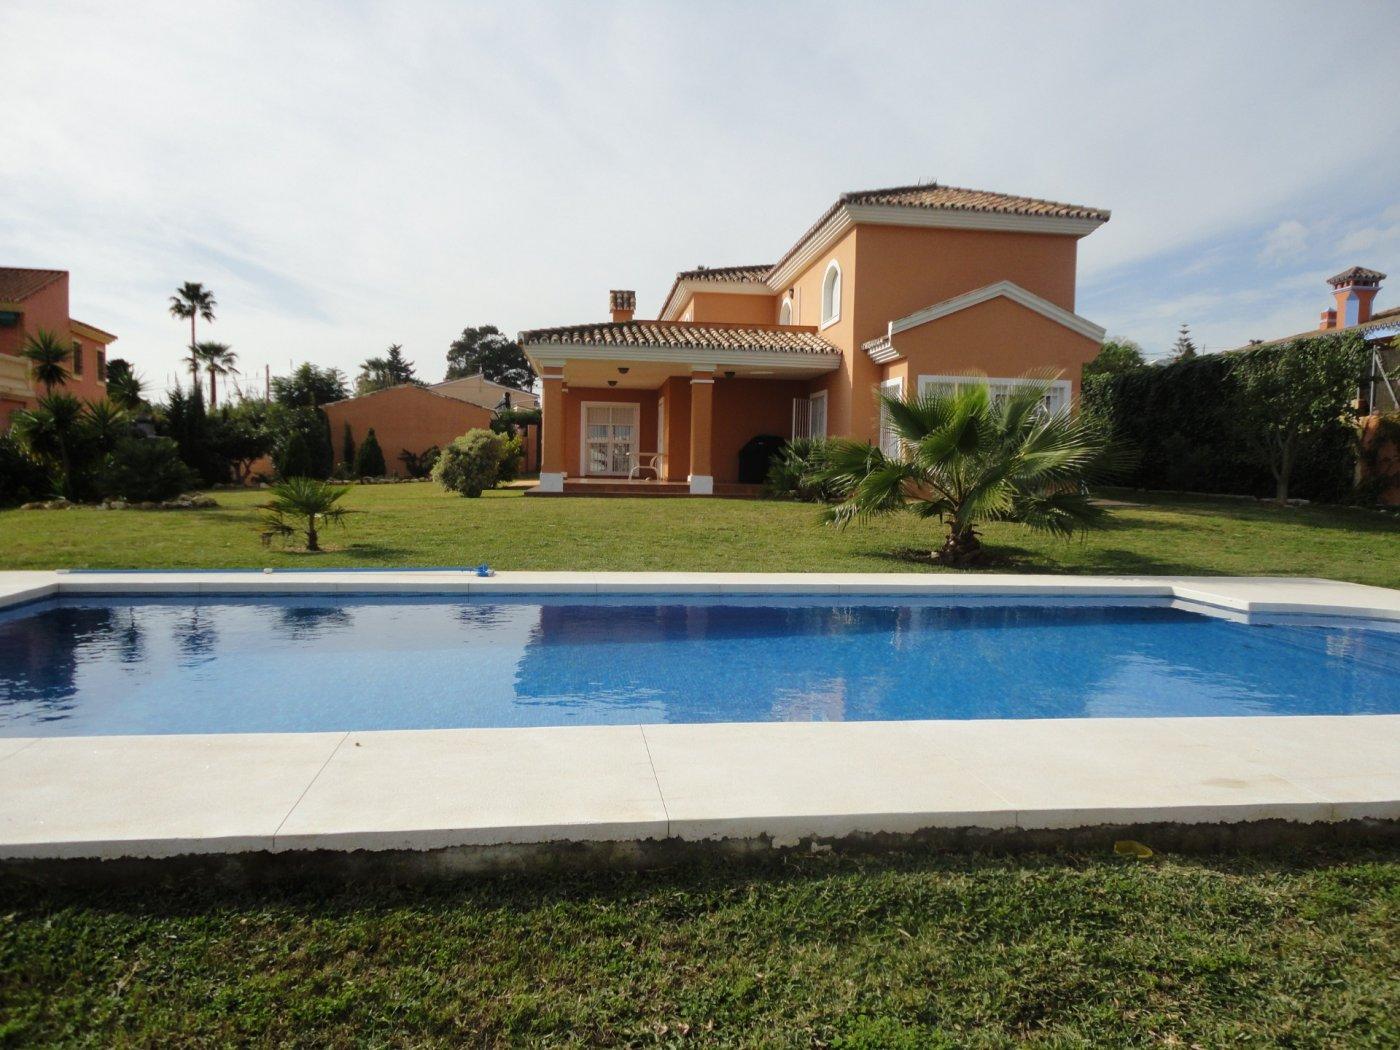 Villa for sale in urb Don Pedro, Estepona